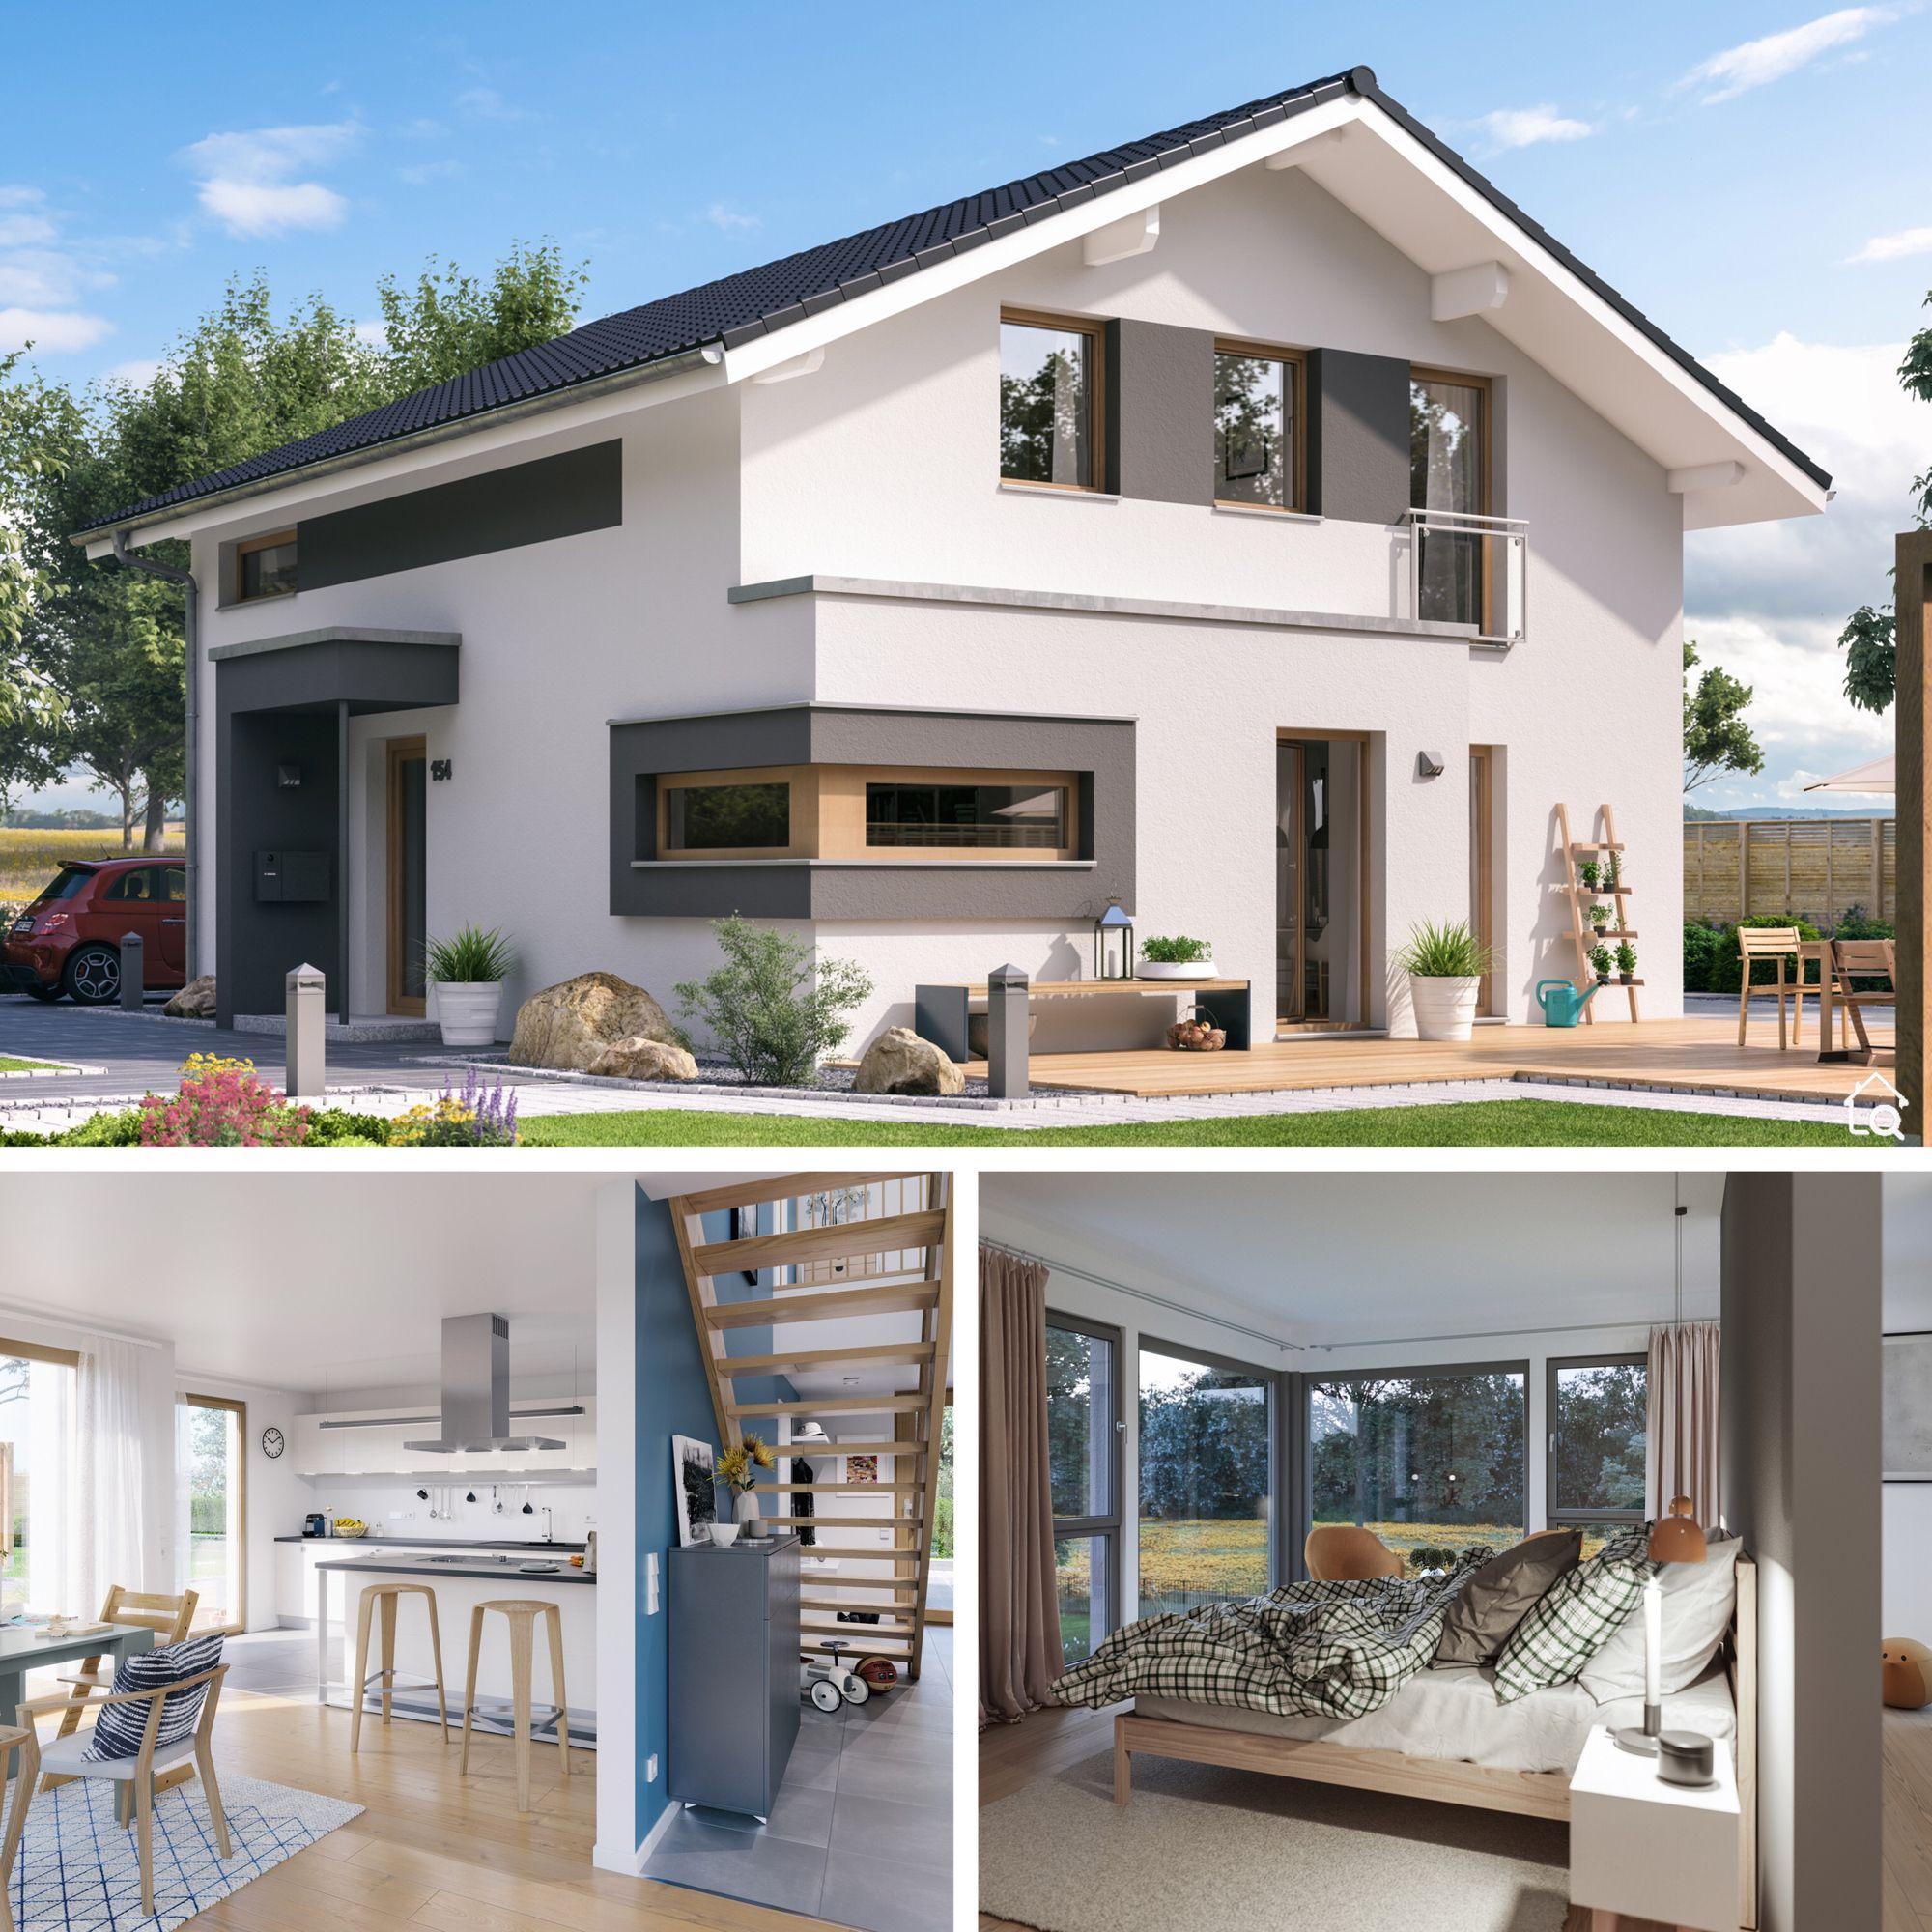 Fertighaus modern bauen mit Satteldach & Putz Fassade in